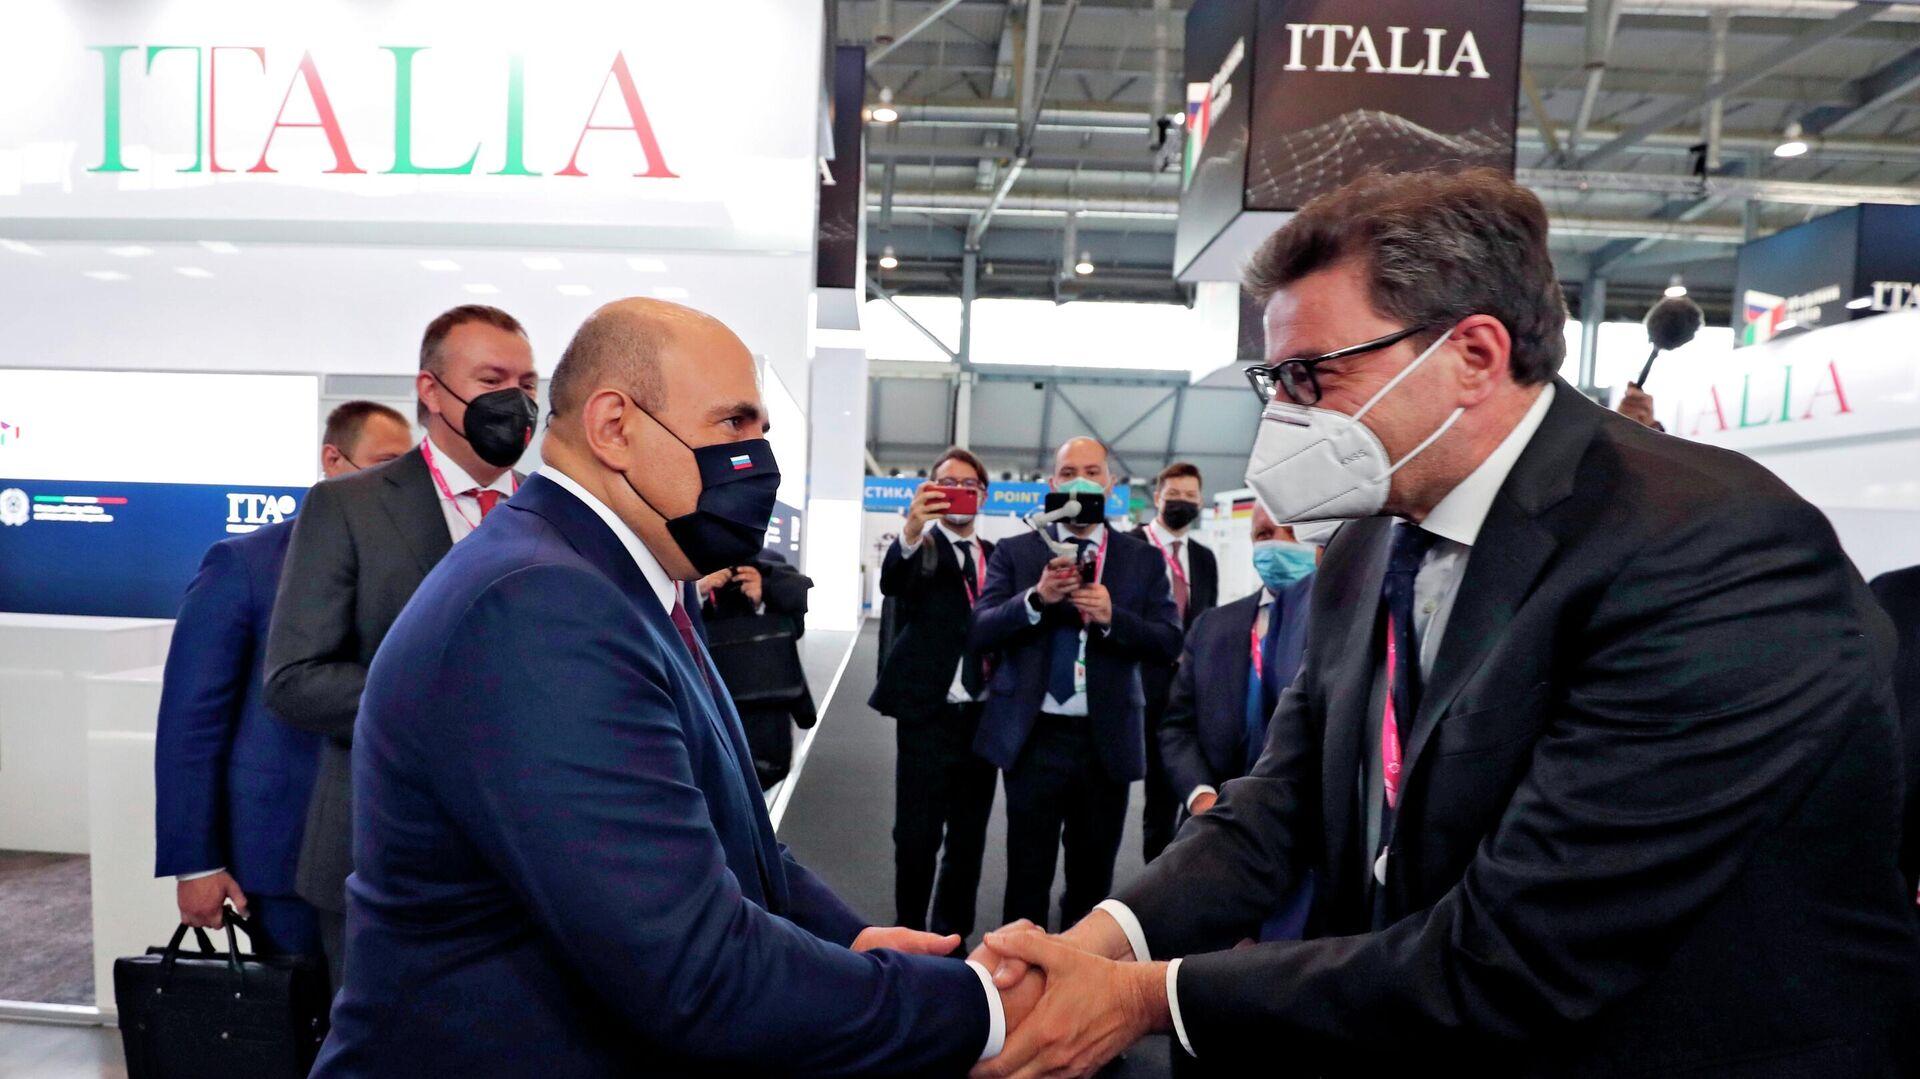 Il Primo ministro della Russia Michail Mishustin e il Ministro dello Sviluppo Economico italiano Giancarlo Giorgetti alla fiera dell'innovazione e della tecnologia INNOPROM-2021 a Ekaterinburg, Russia - Sputnik Italia, 1920, 12.07.2021